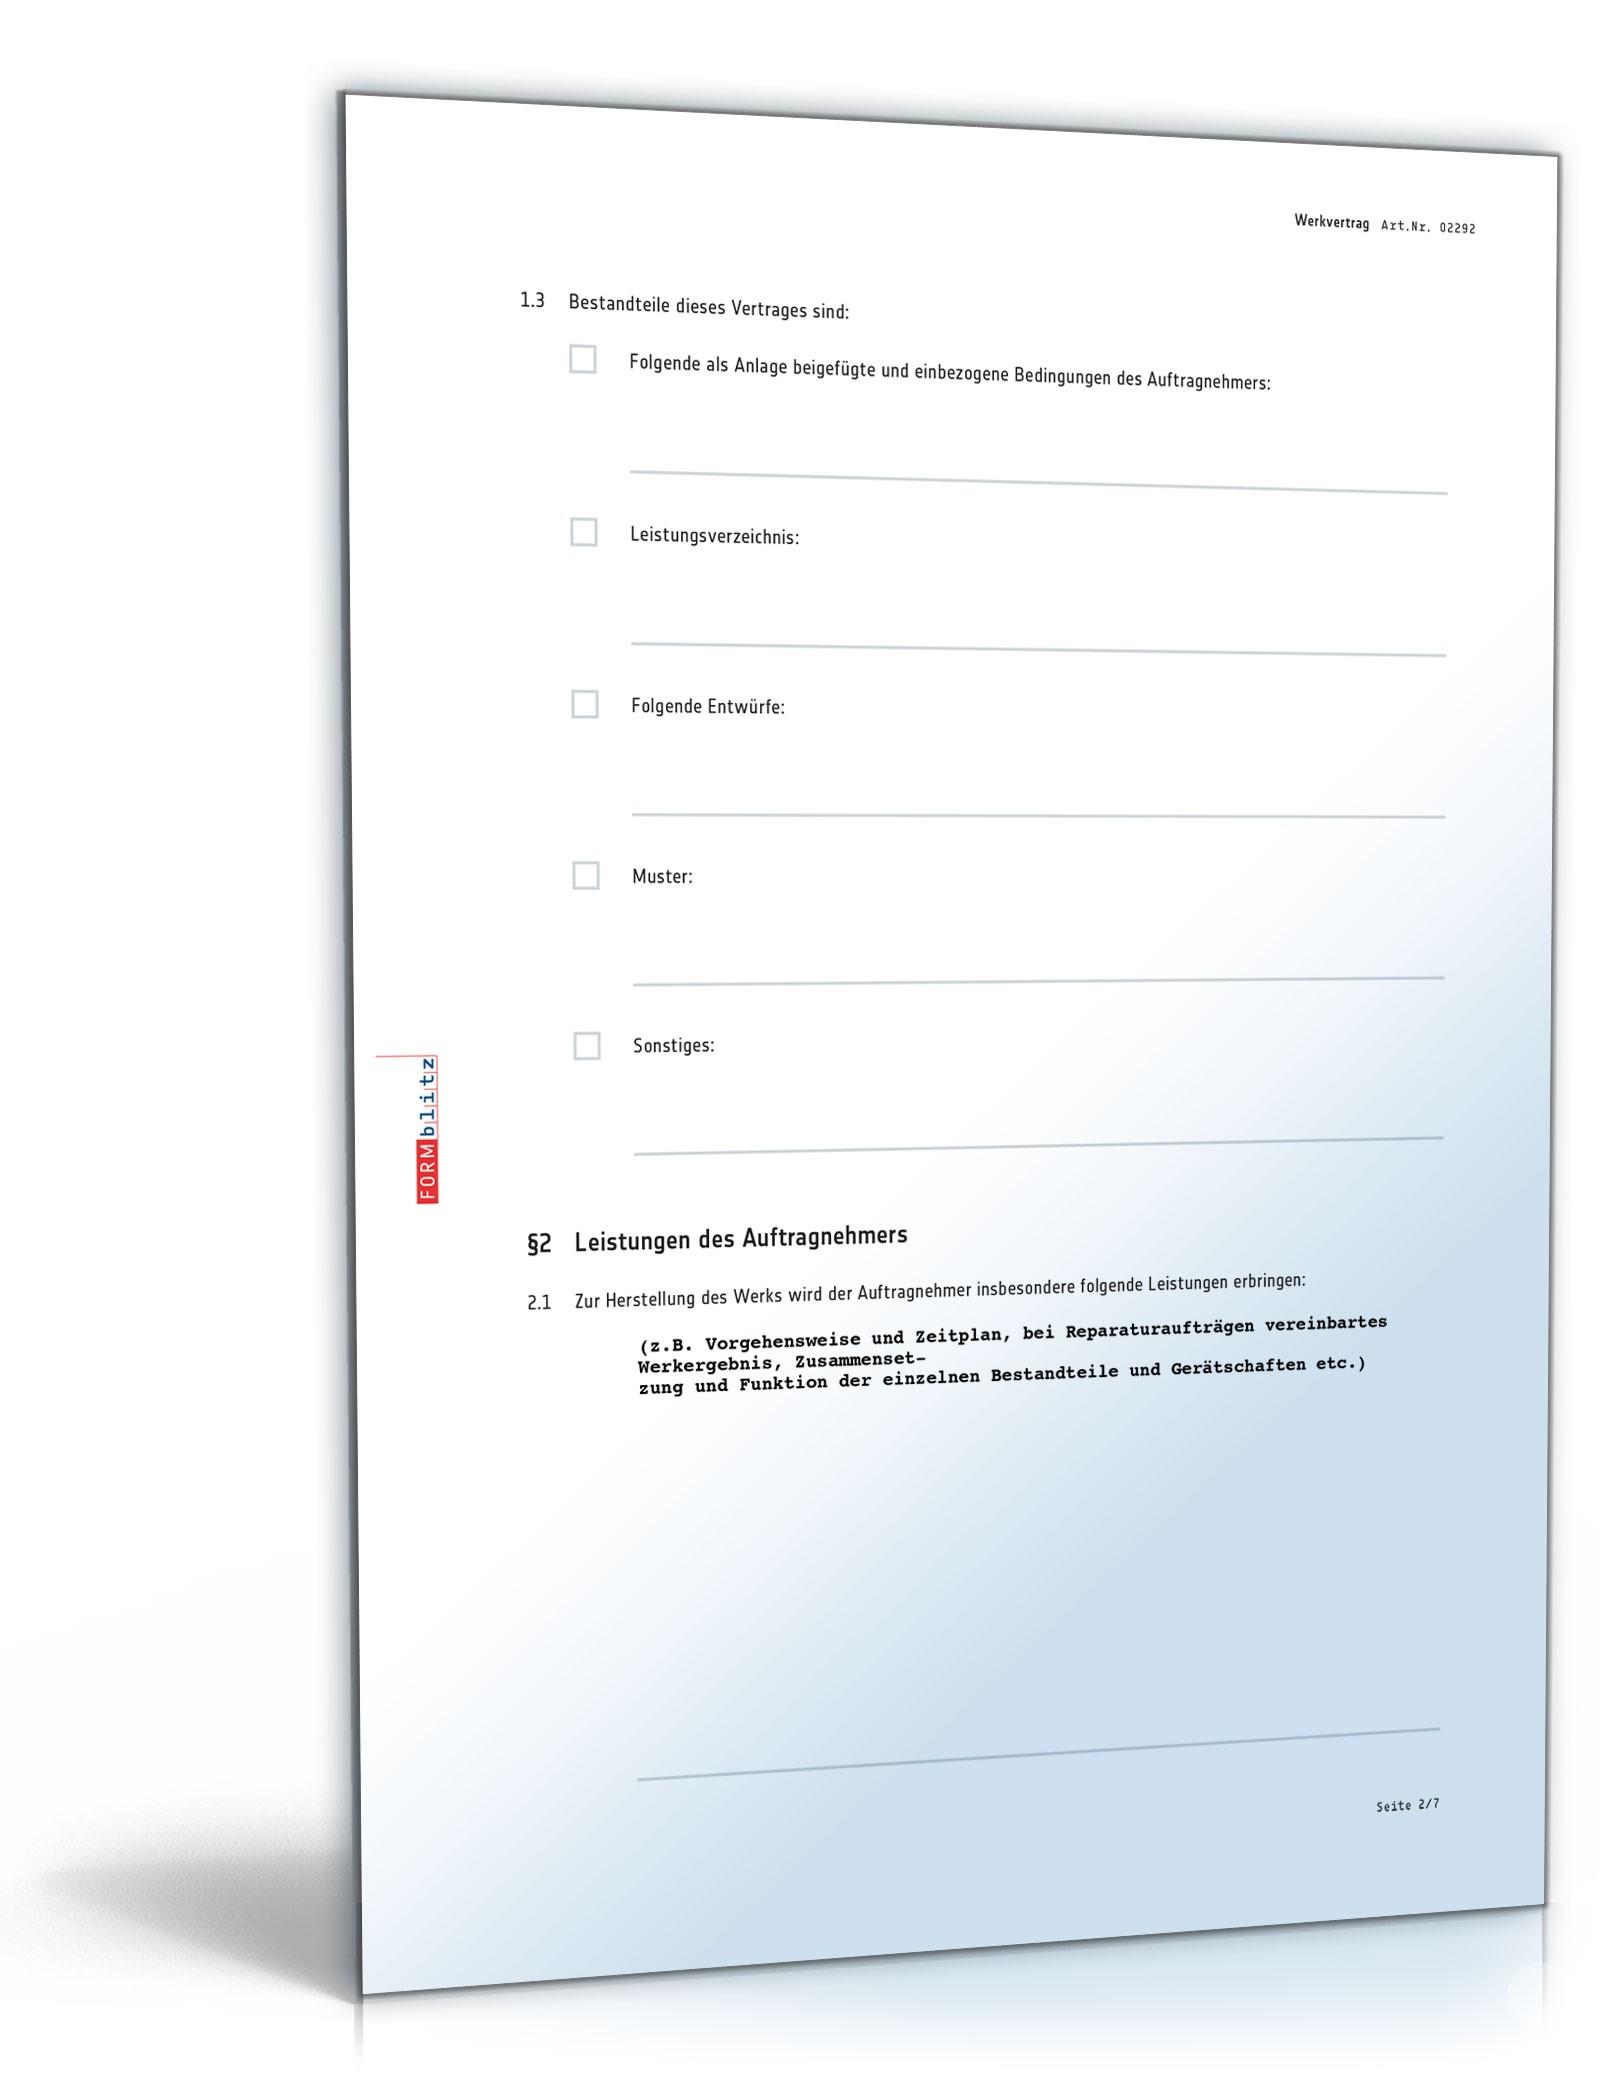 Werkvertrag Nach Bgb Rechtssicheres Muster Zum Download